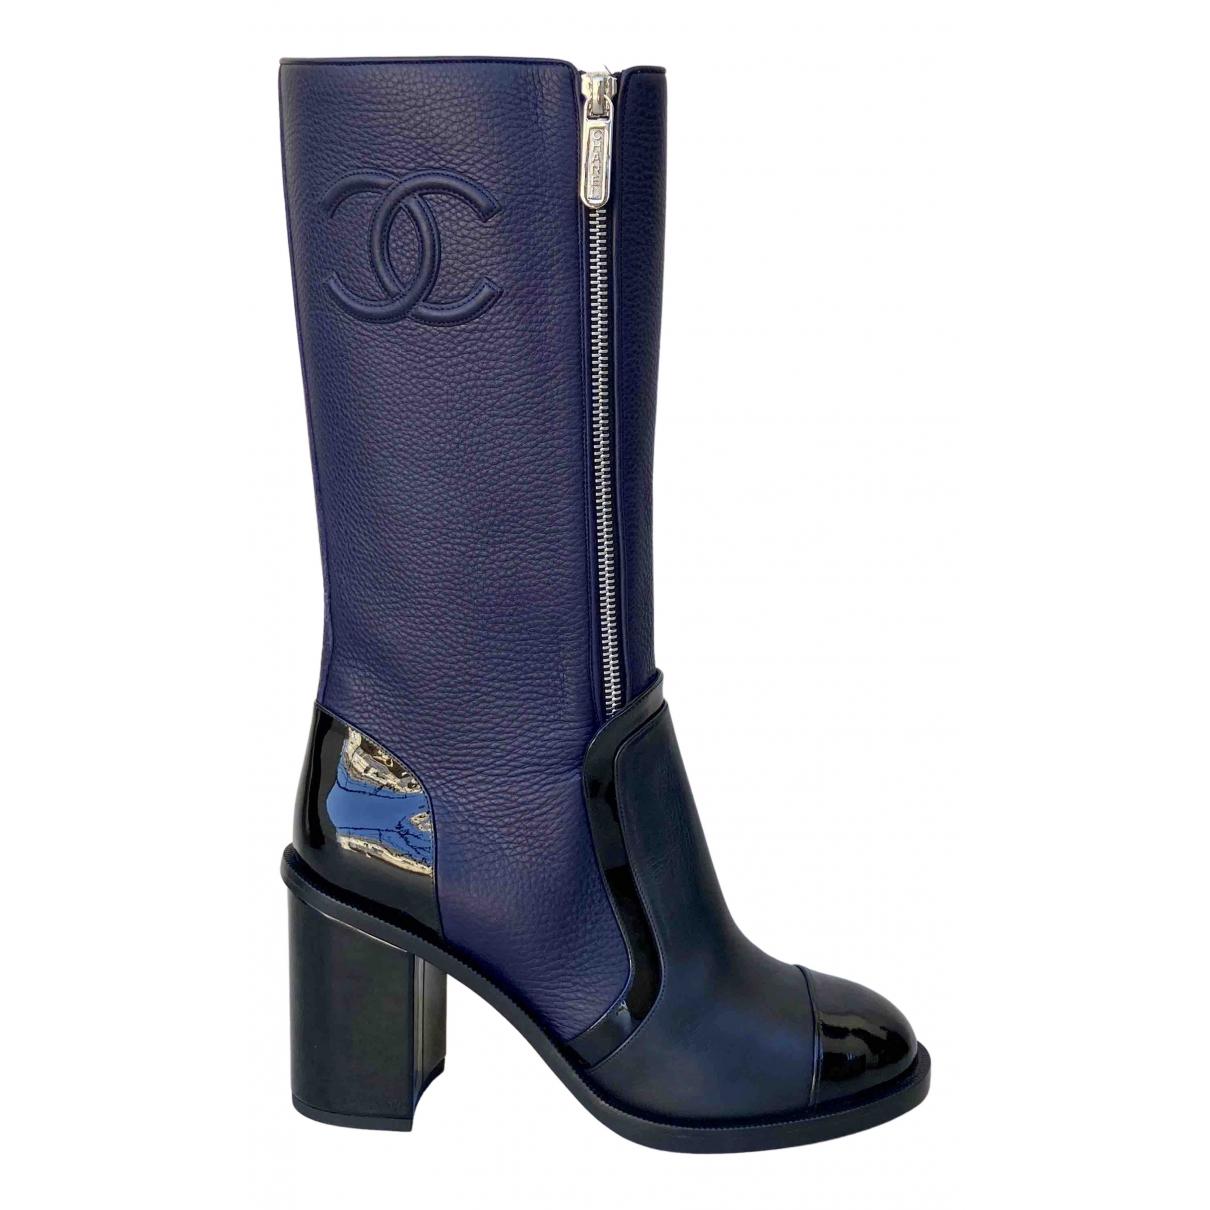 Chanel \N Stiefel in  Marine Leder